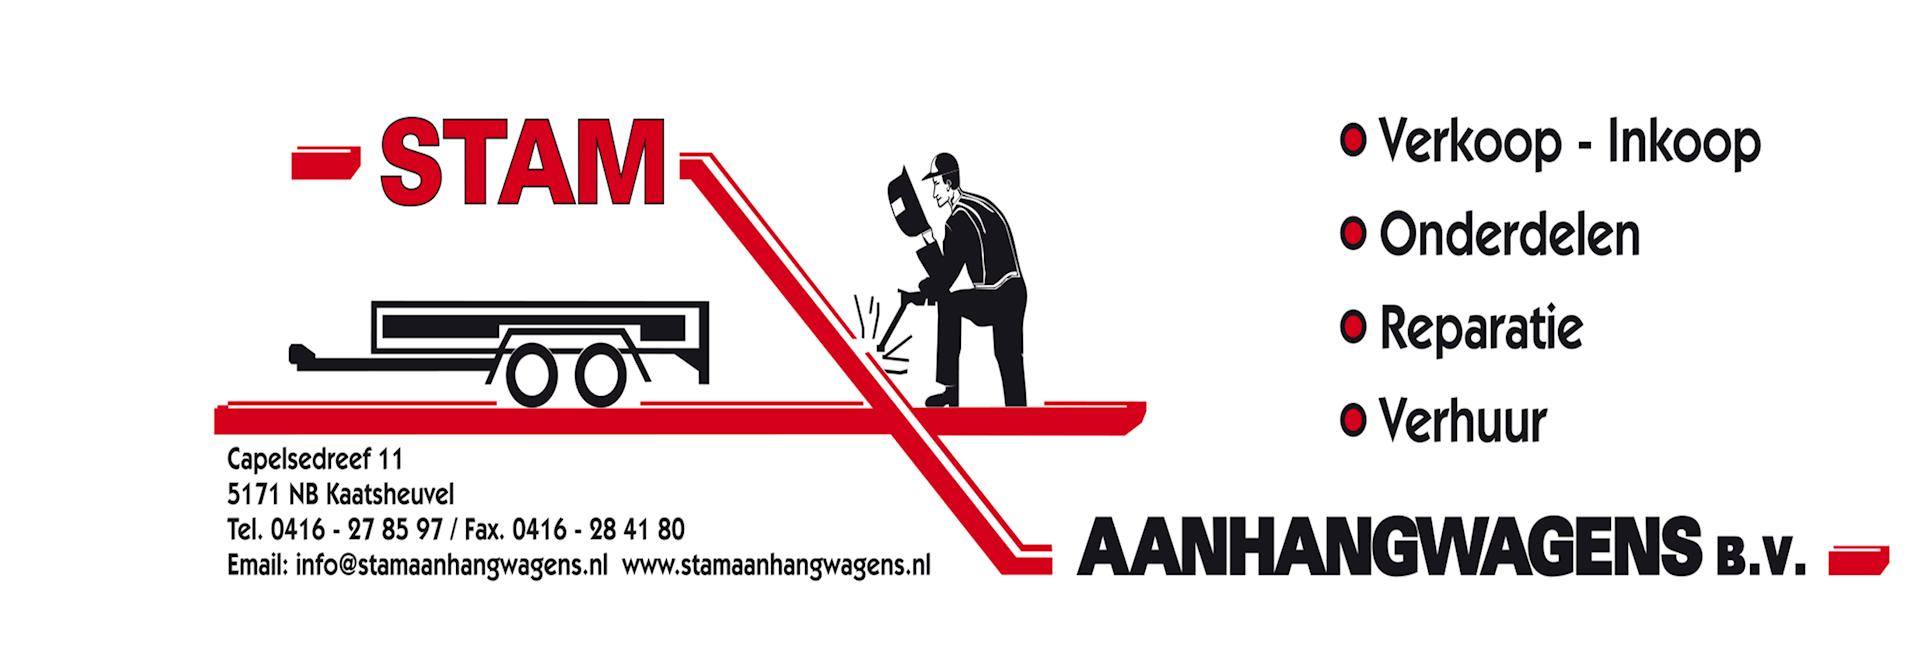 2017-logo-stam